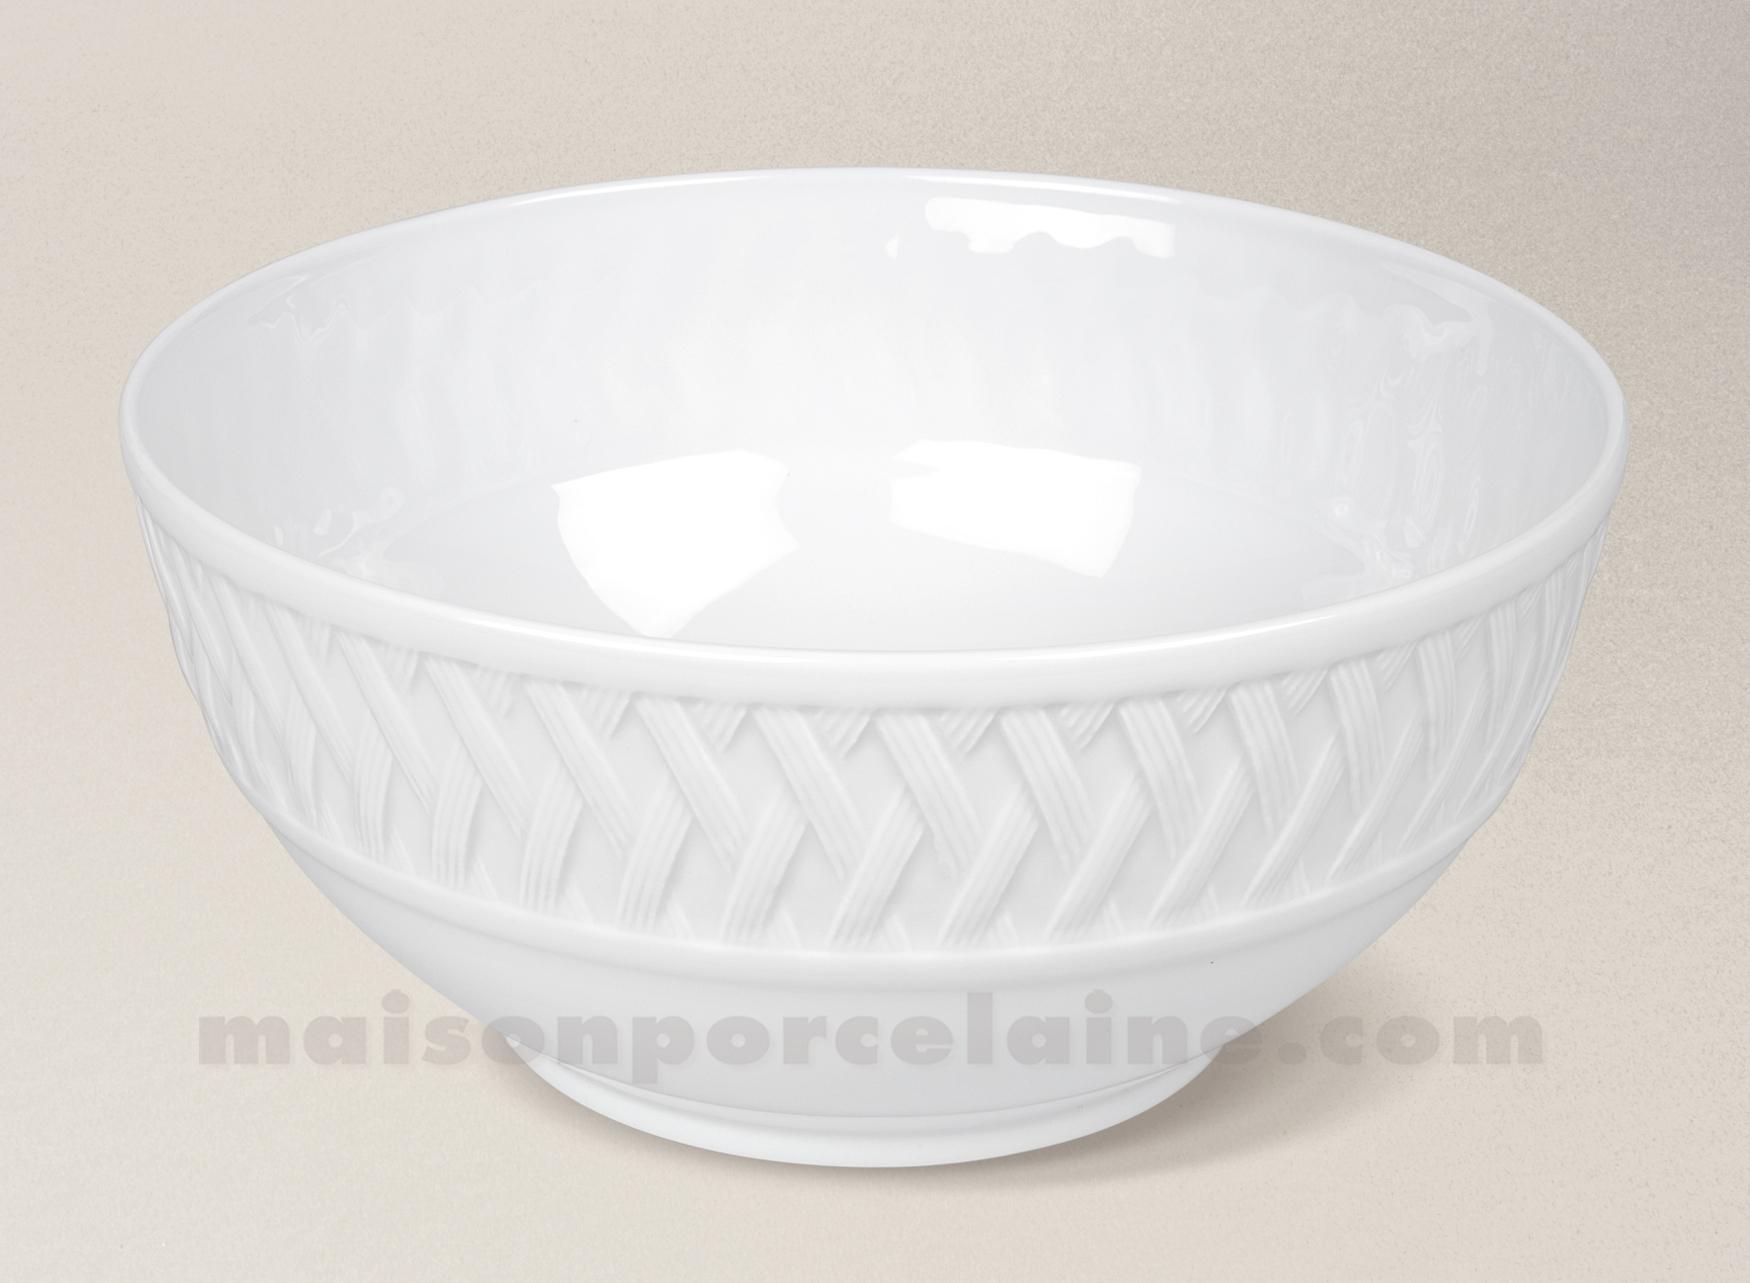 saladier limoges porcelaine blanche louisiane service d22 maison de la porcelaine. Black Bedroom Furniture Sets. Home Design Ideas